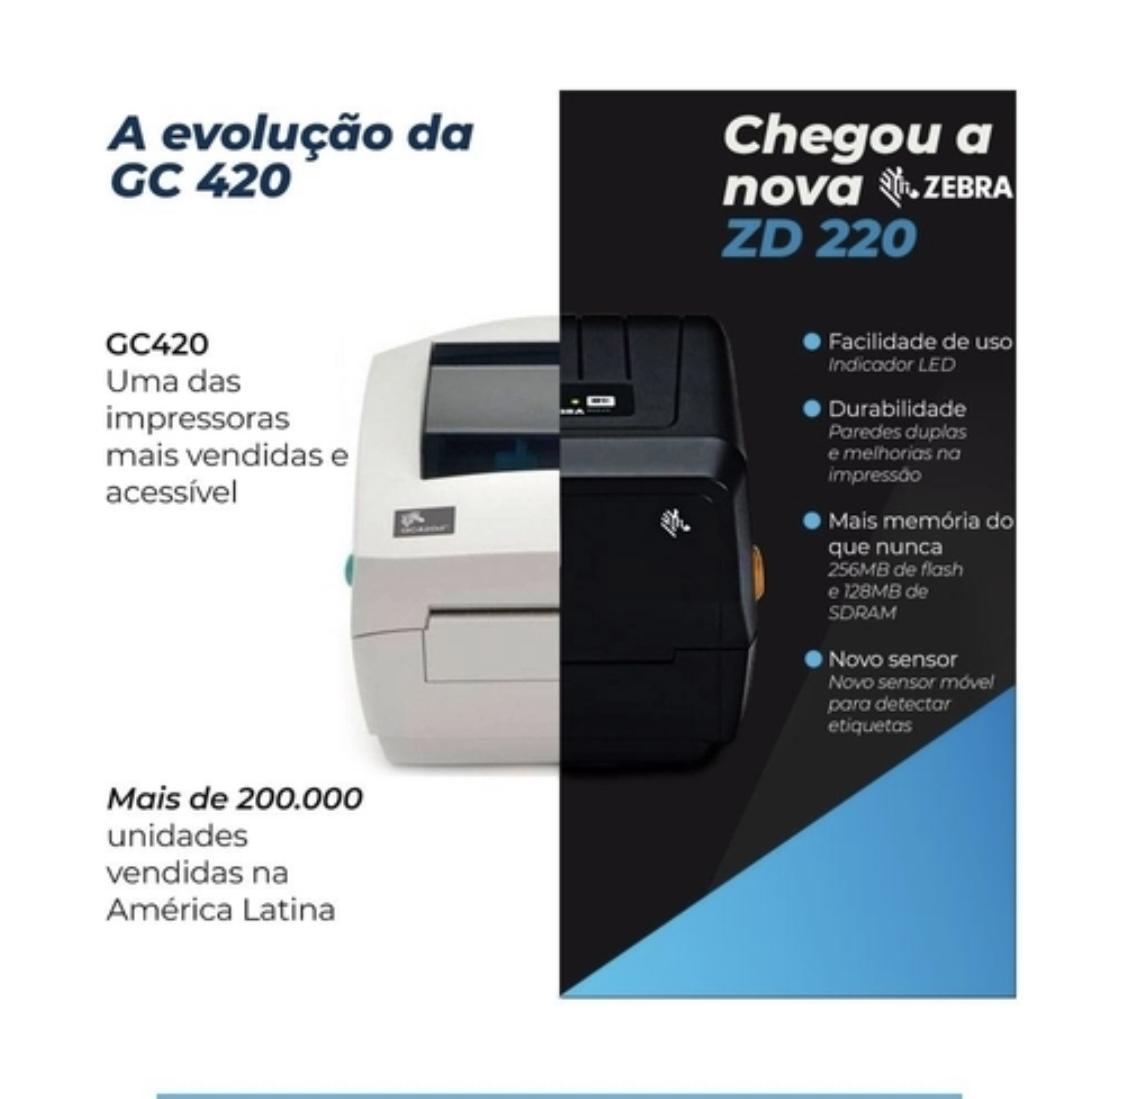 Impressora De Codigo De Barras zd 220- valor válido para clientes em São Paulo -SP